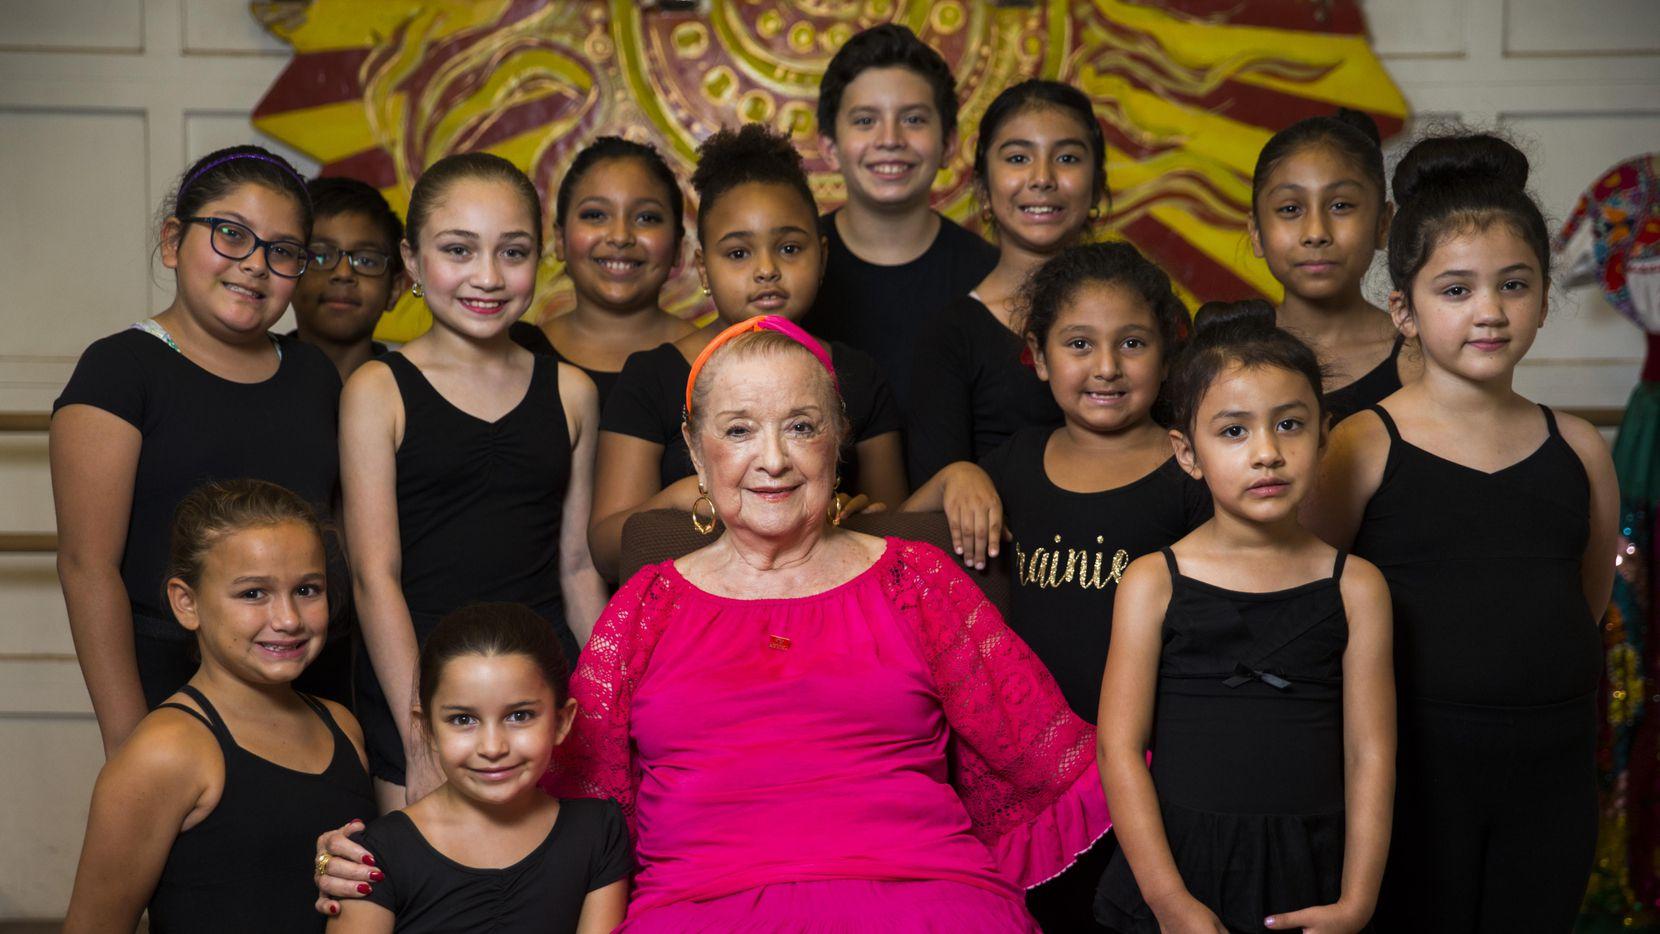 Anita N. Martínez junto a estudiantes del ballet folklórico que lleva su nombre. ASHLEY LANDIS/DMN